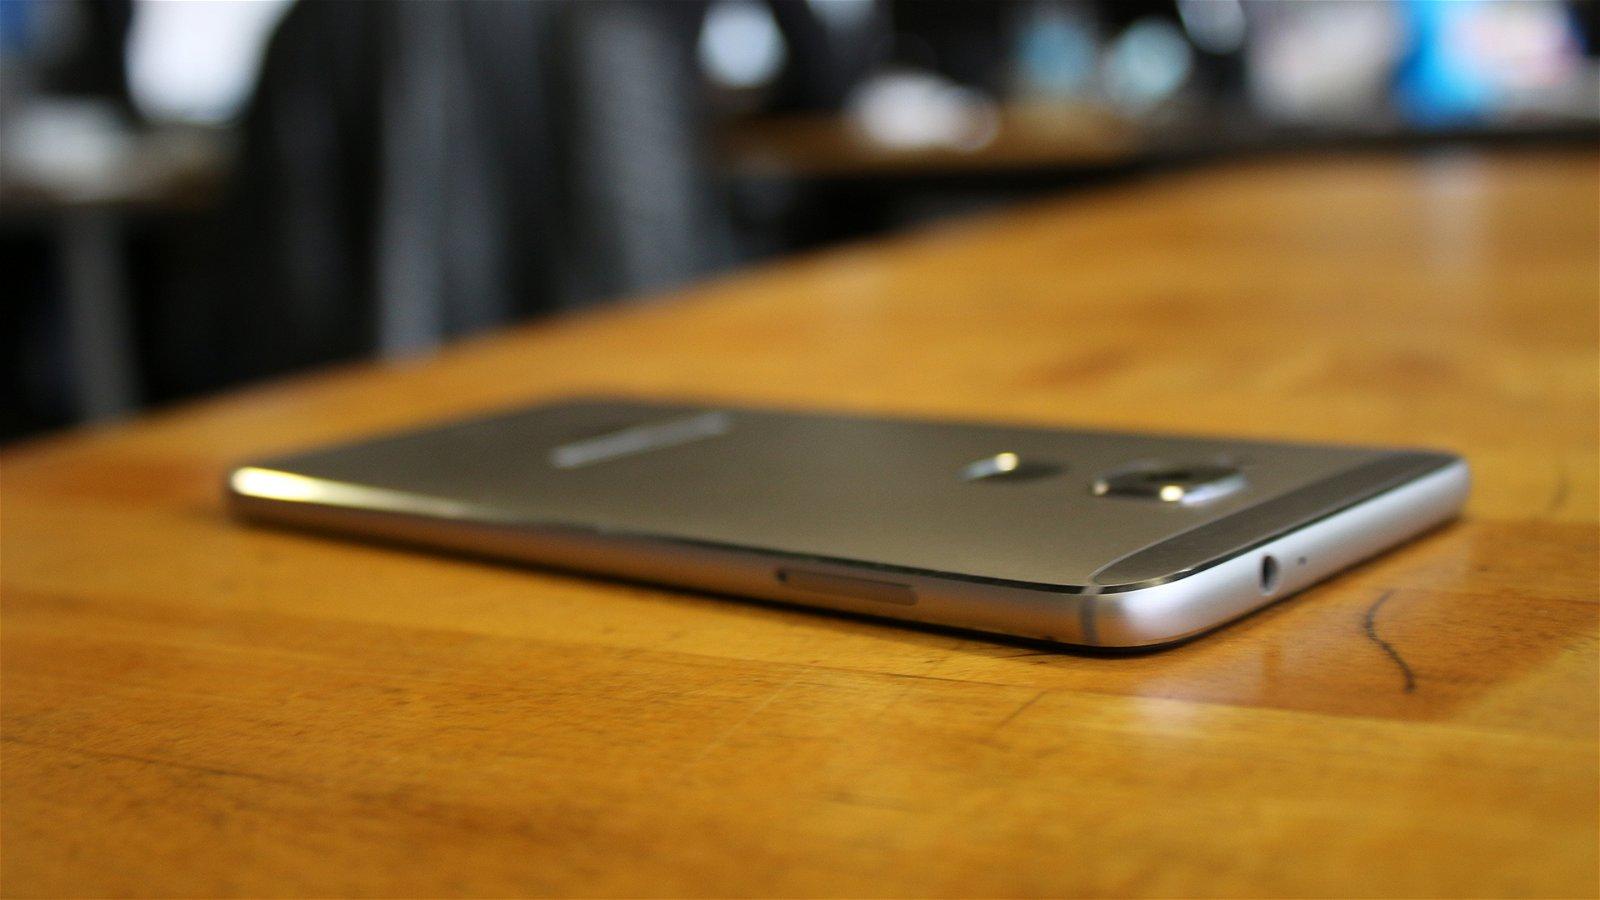 Huawei Nova Plus (Phone) Review 2